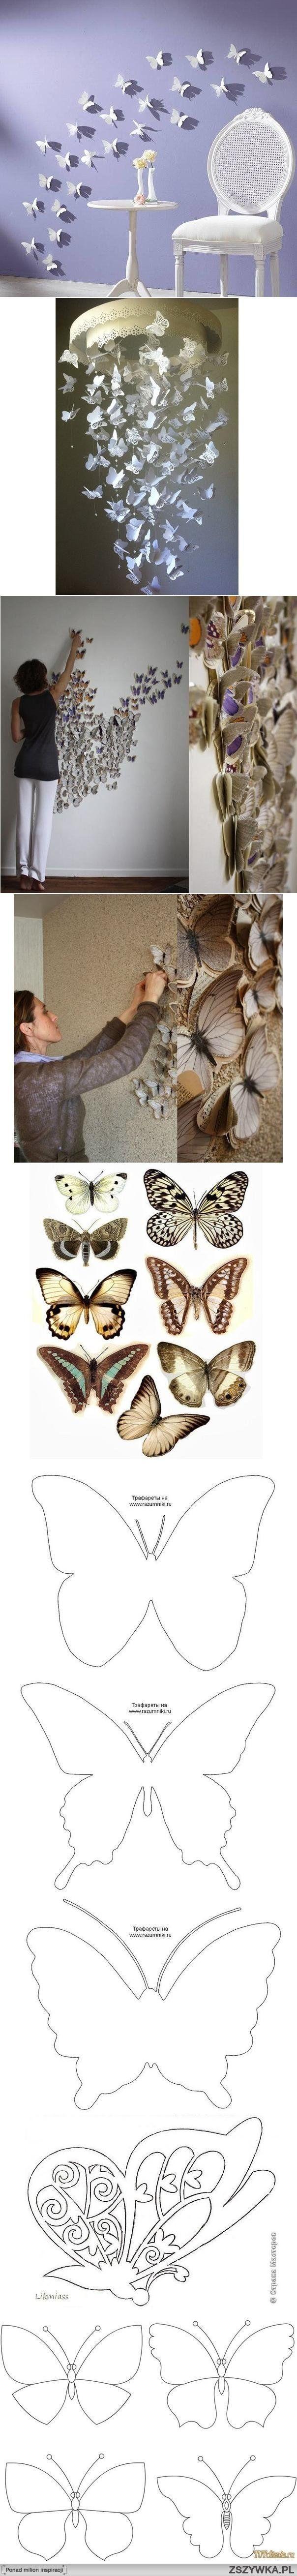 motylki....oraz wzory motylków do wydrukowania i wycięcia...